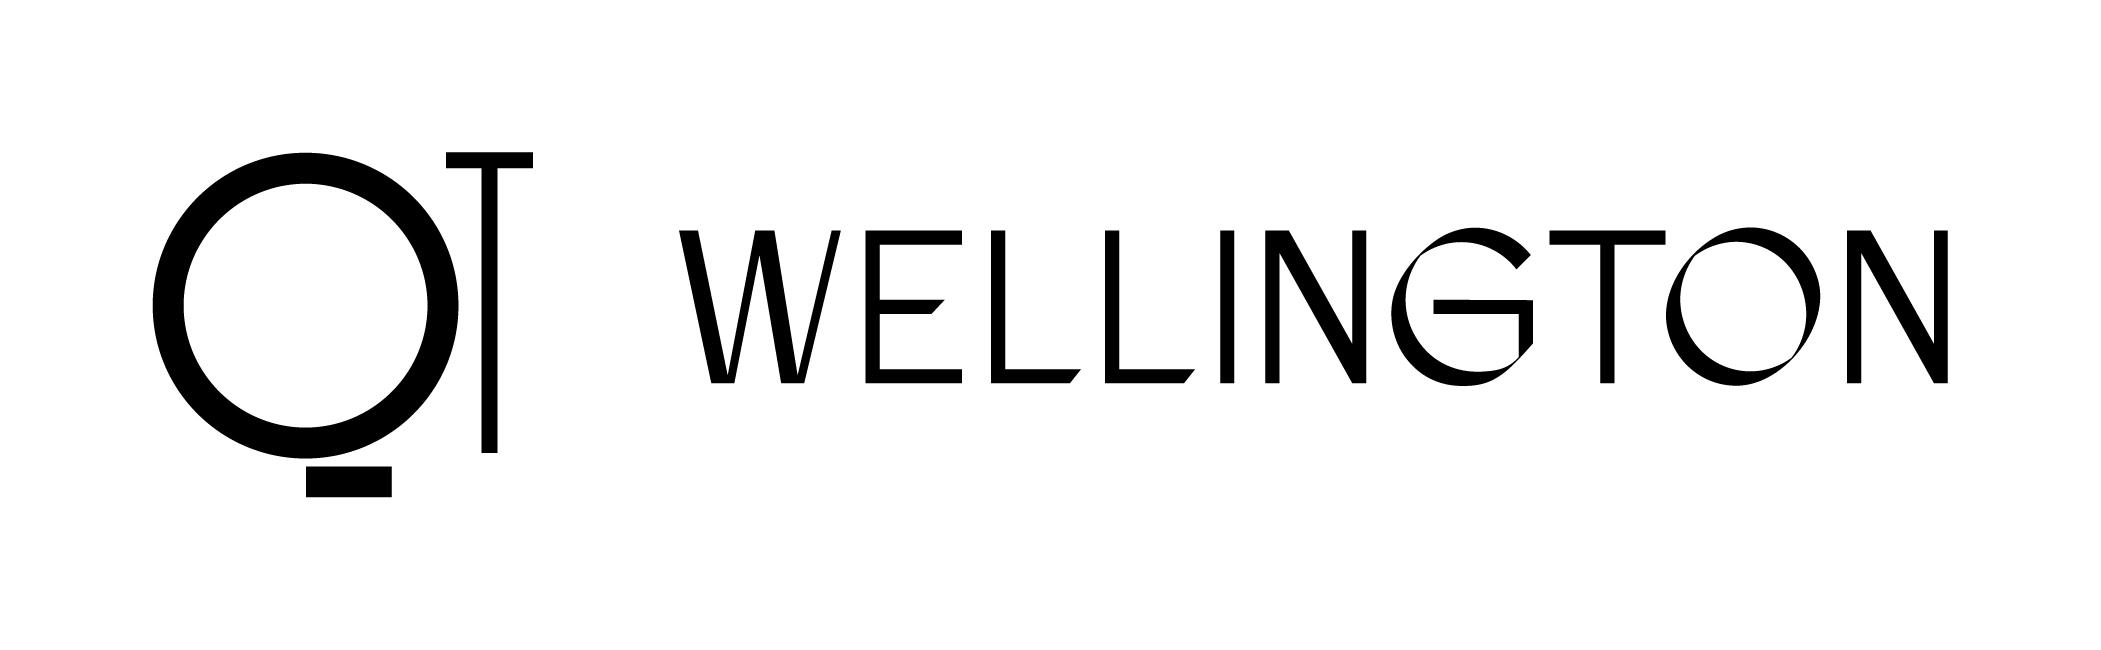 QT Wellington